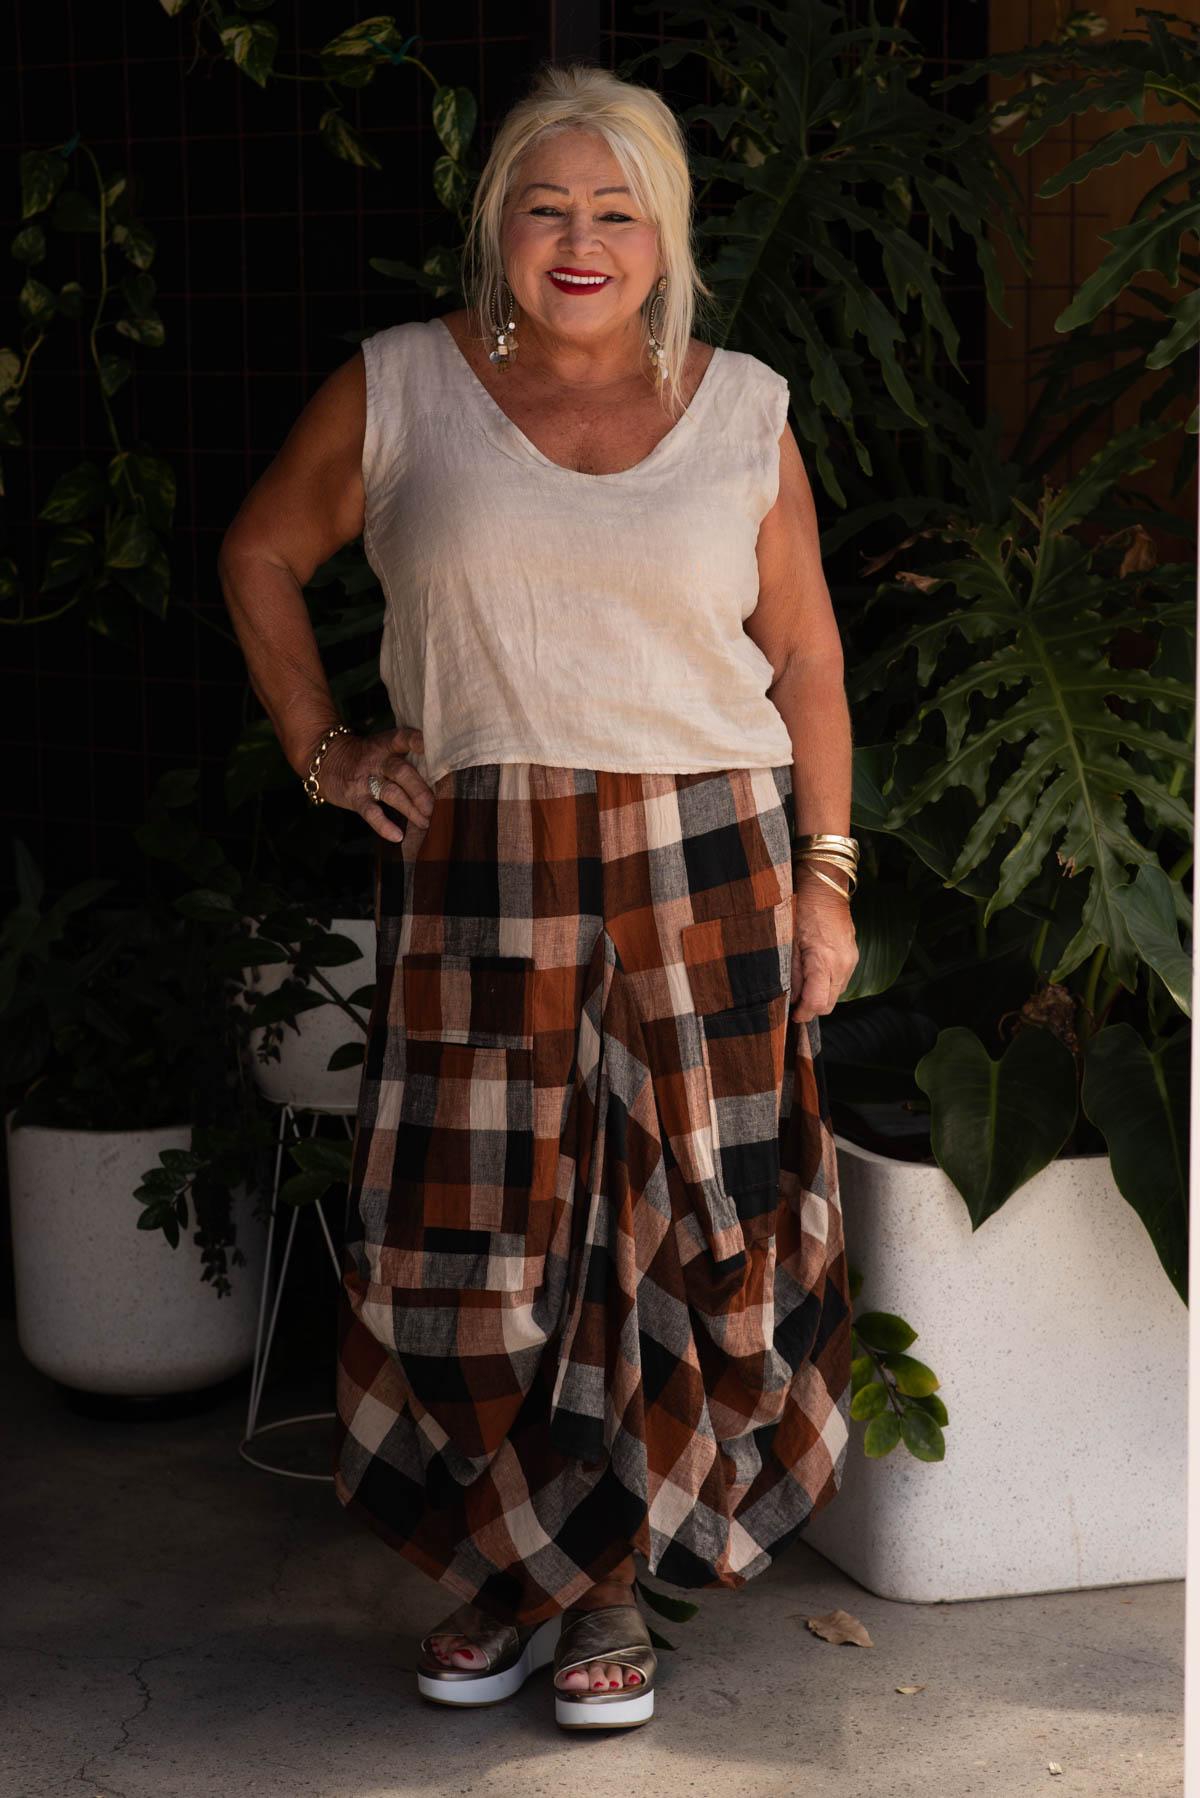 Tino Beige with Rhonda Skirt 100% Linen-2